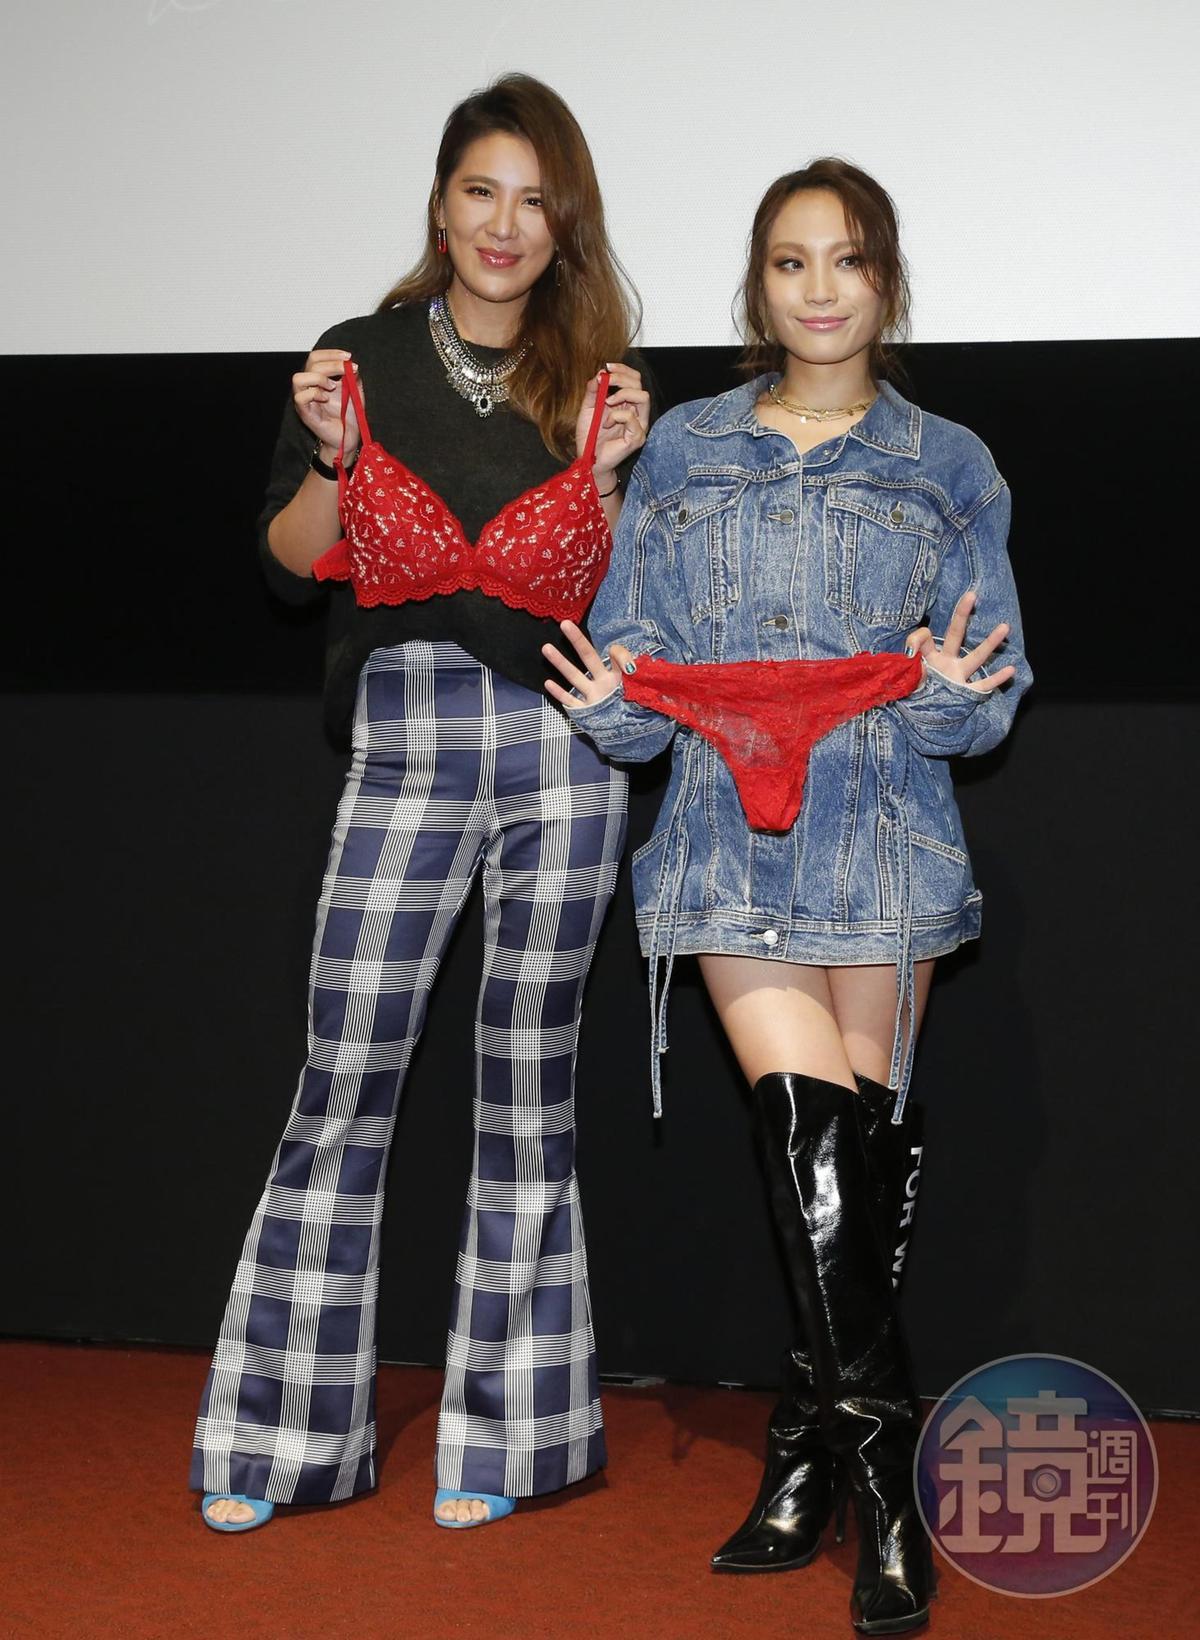 小禎與李進良分居6年都沒簽字離婚,去年李進良再爆緋聞,她為歌手呂薔MV首映會站台難逃媒體追問。